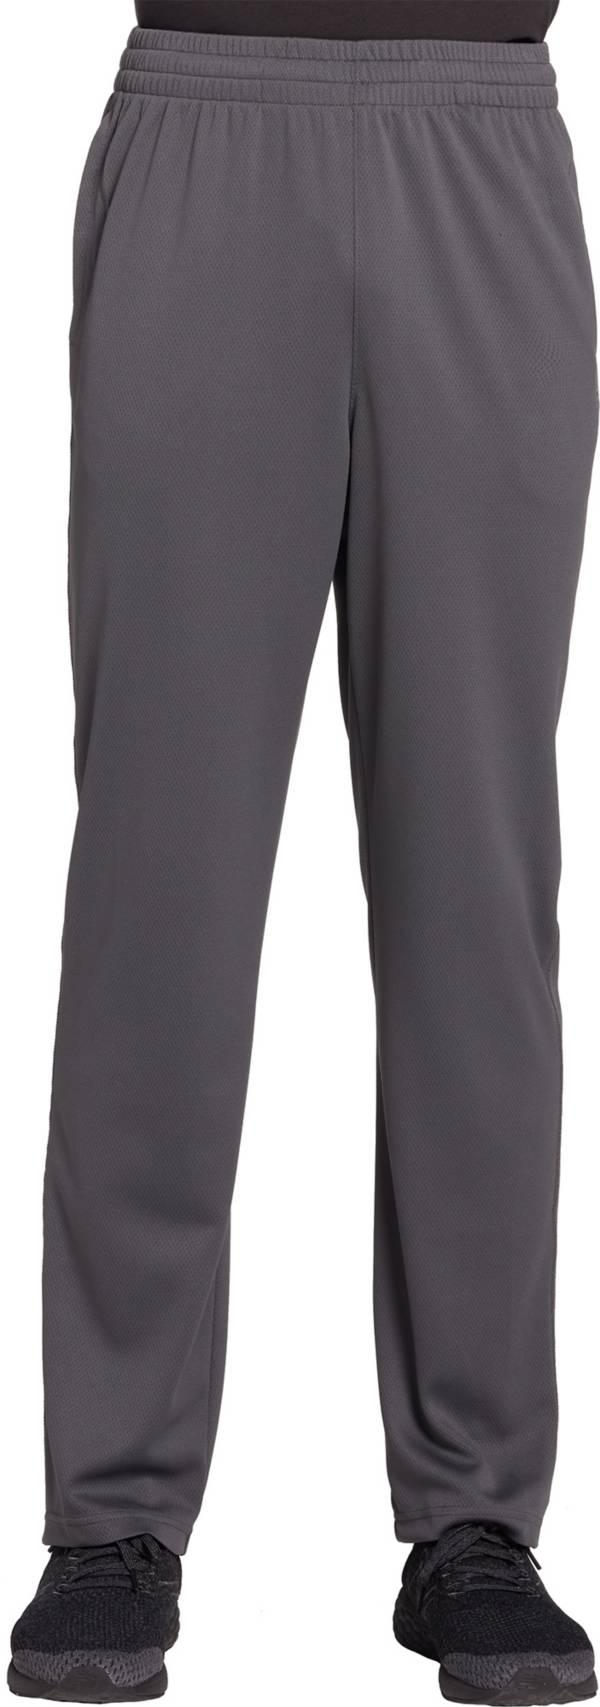 DSG Men's Mesh Training Pants product image